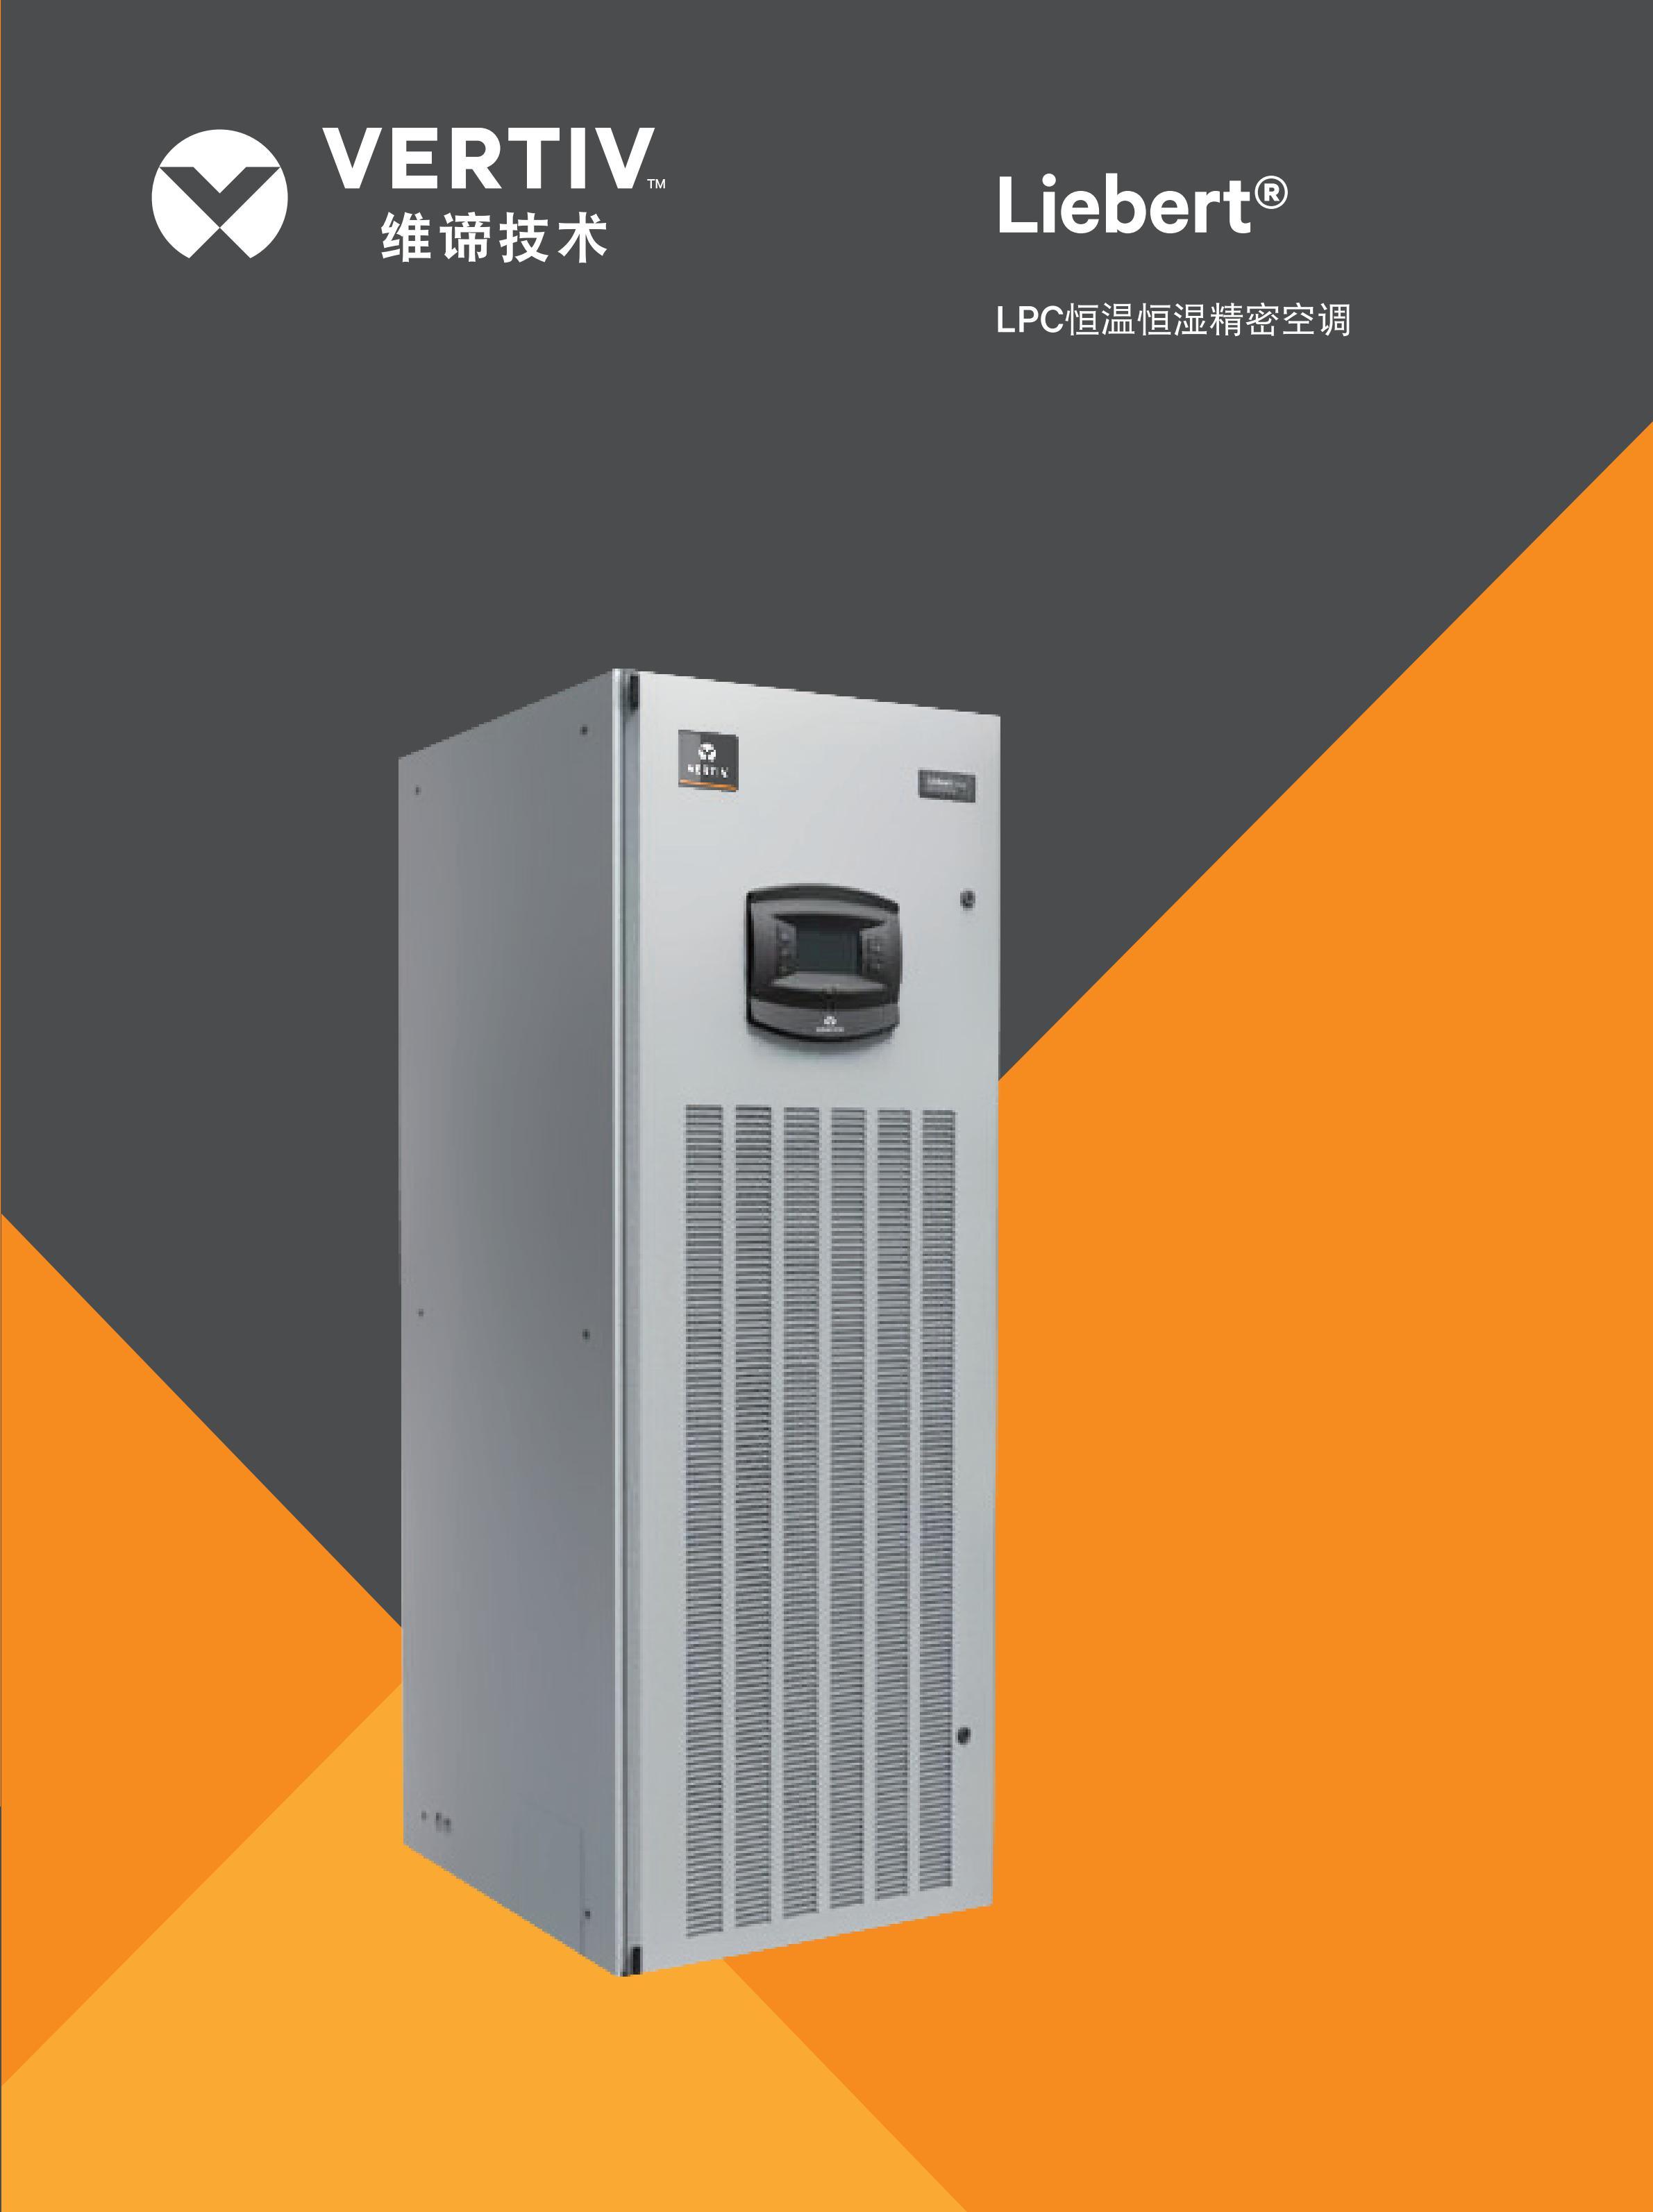 维谛(VERTIV)核磁冷水机_LPC恒温恒湿精密空调